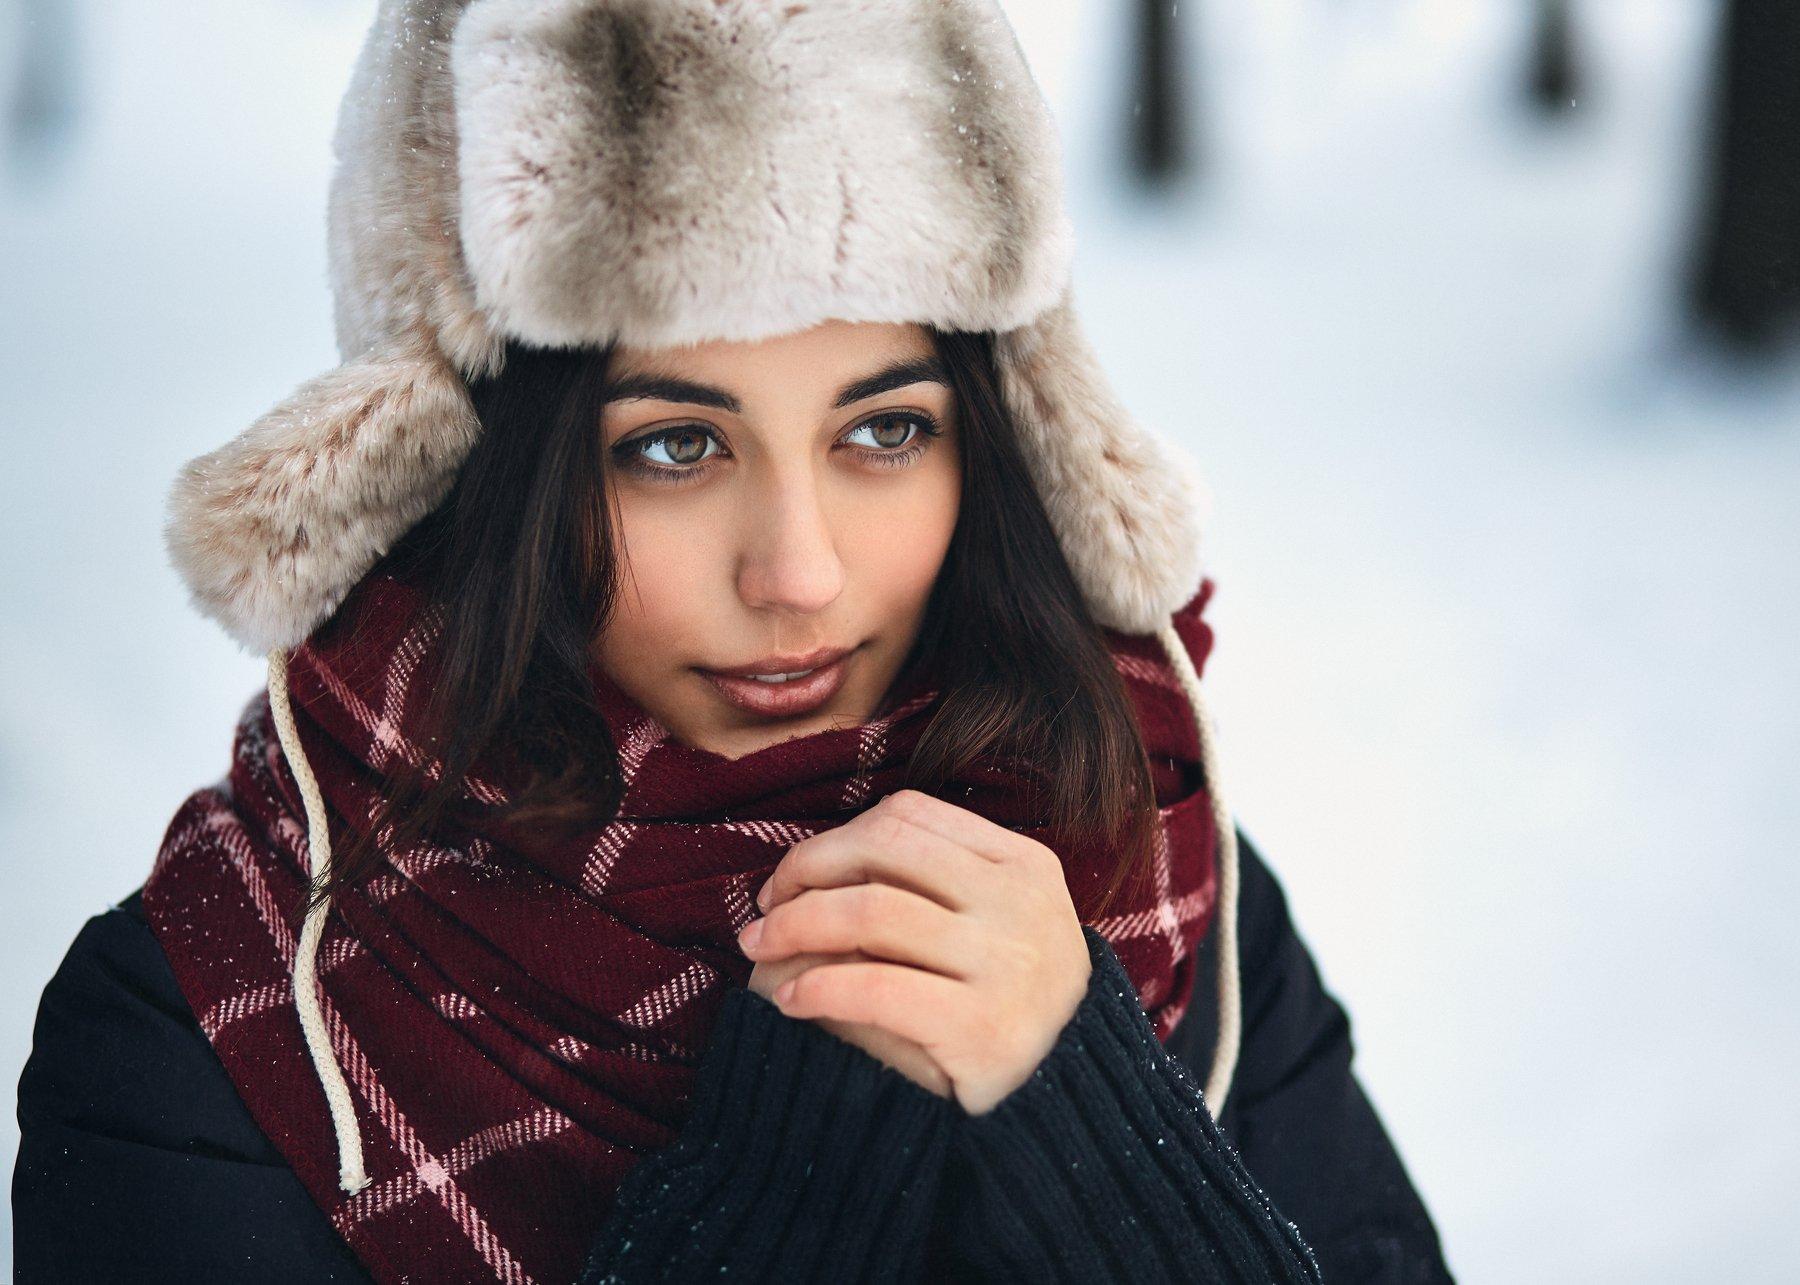 Девушка, Зима, Портрет, Холод, Цвелёв Дмитрий